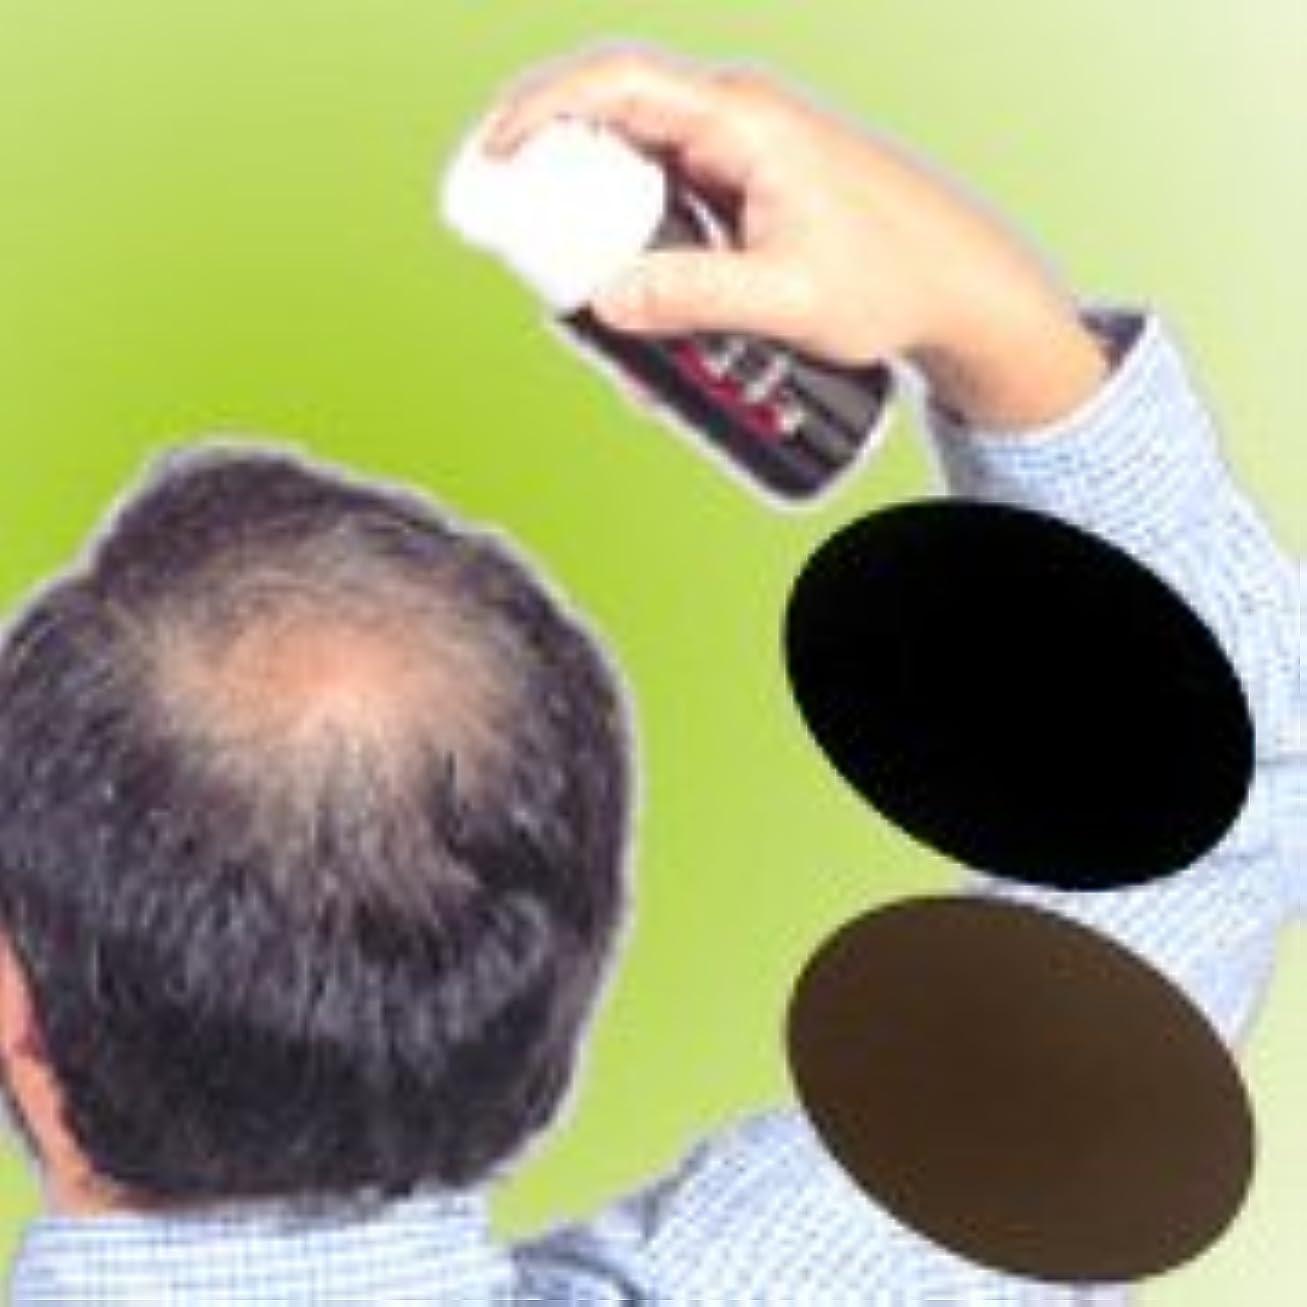 細胞バイオリニスト借りる薄毛?白髪をワンタッチで隠します! 男女兼用タイプの増毛スプレー! ! 【トミーリッチ ブラックヘアー】 (商品内訳:ブラウン)